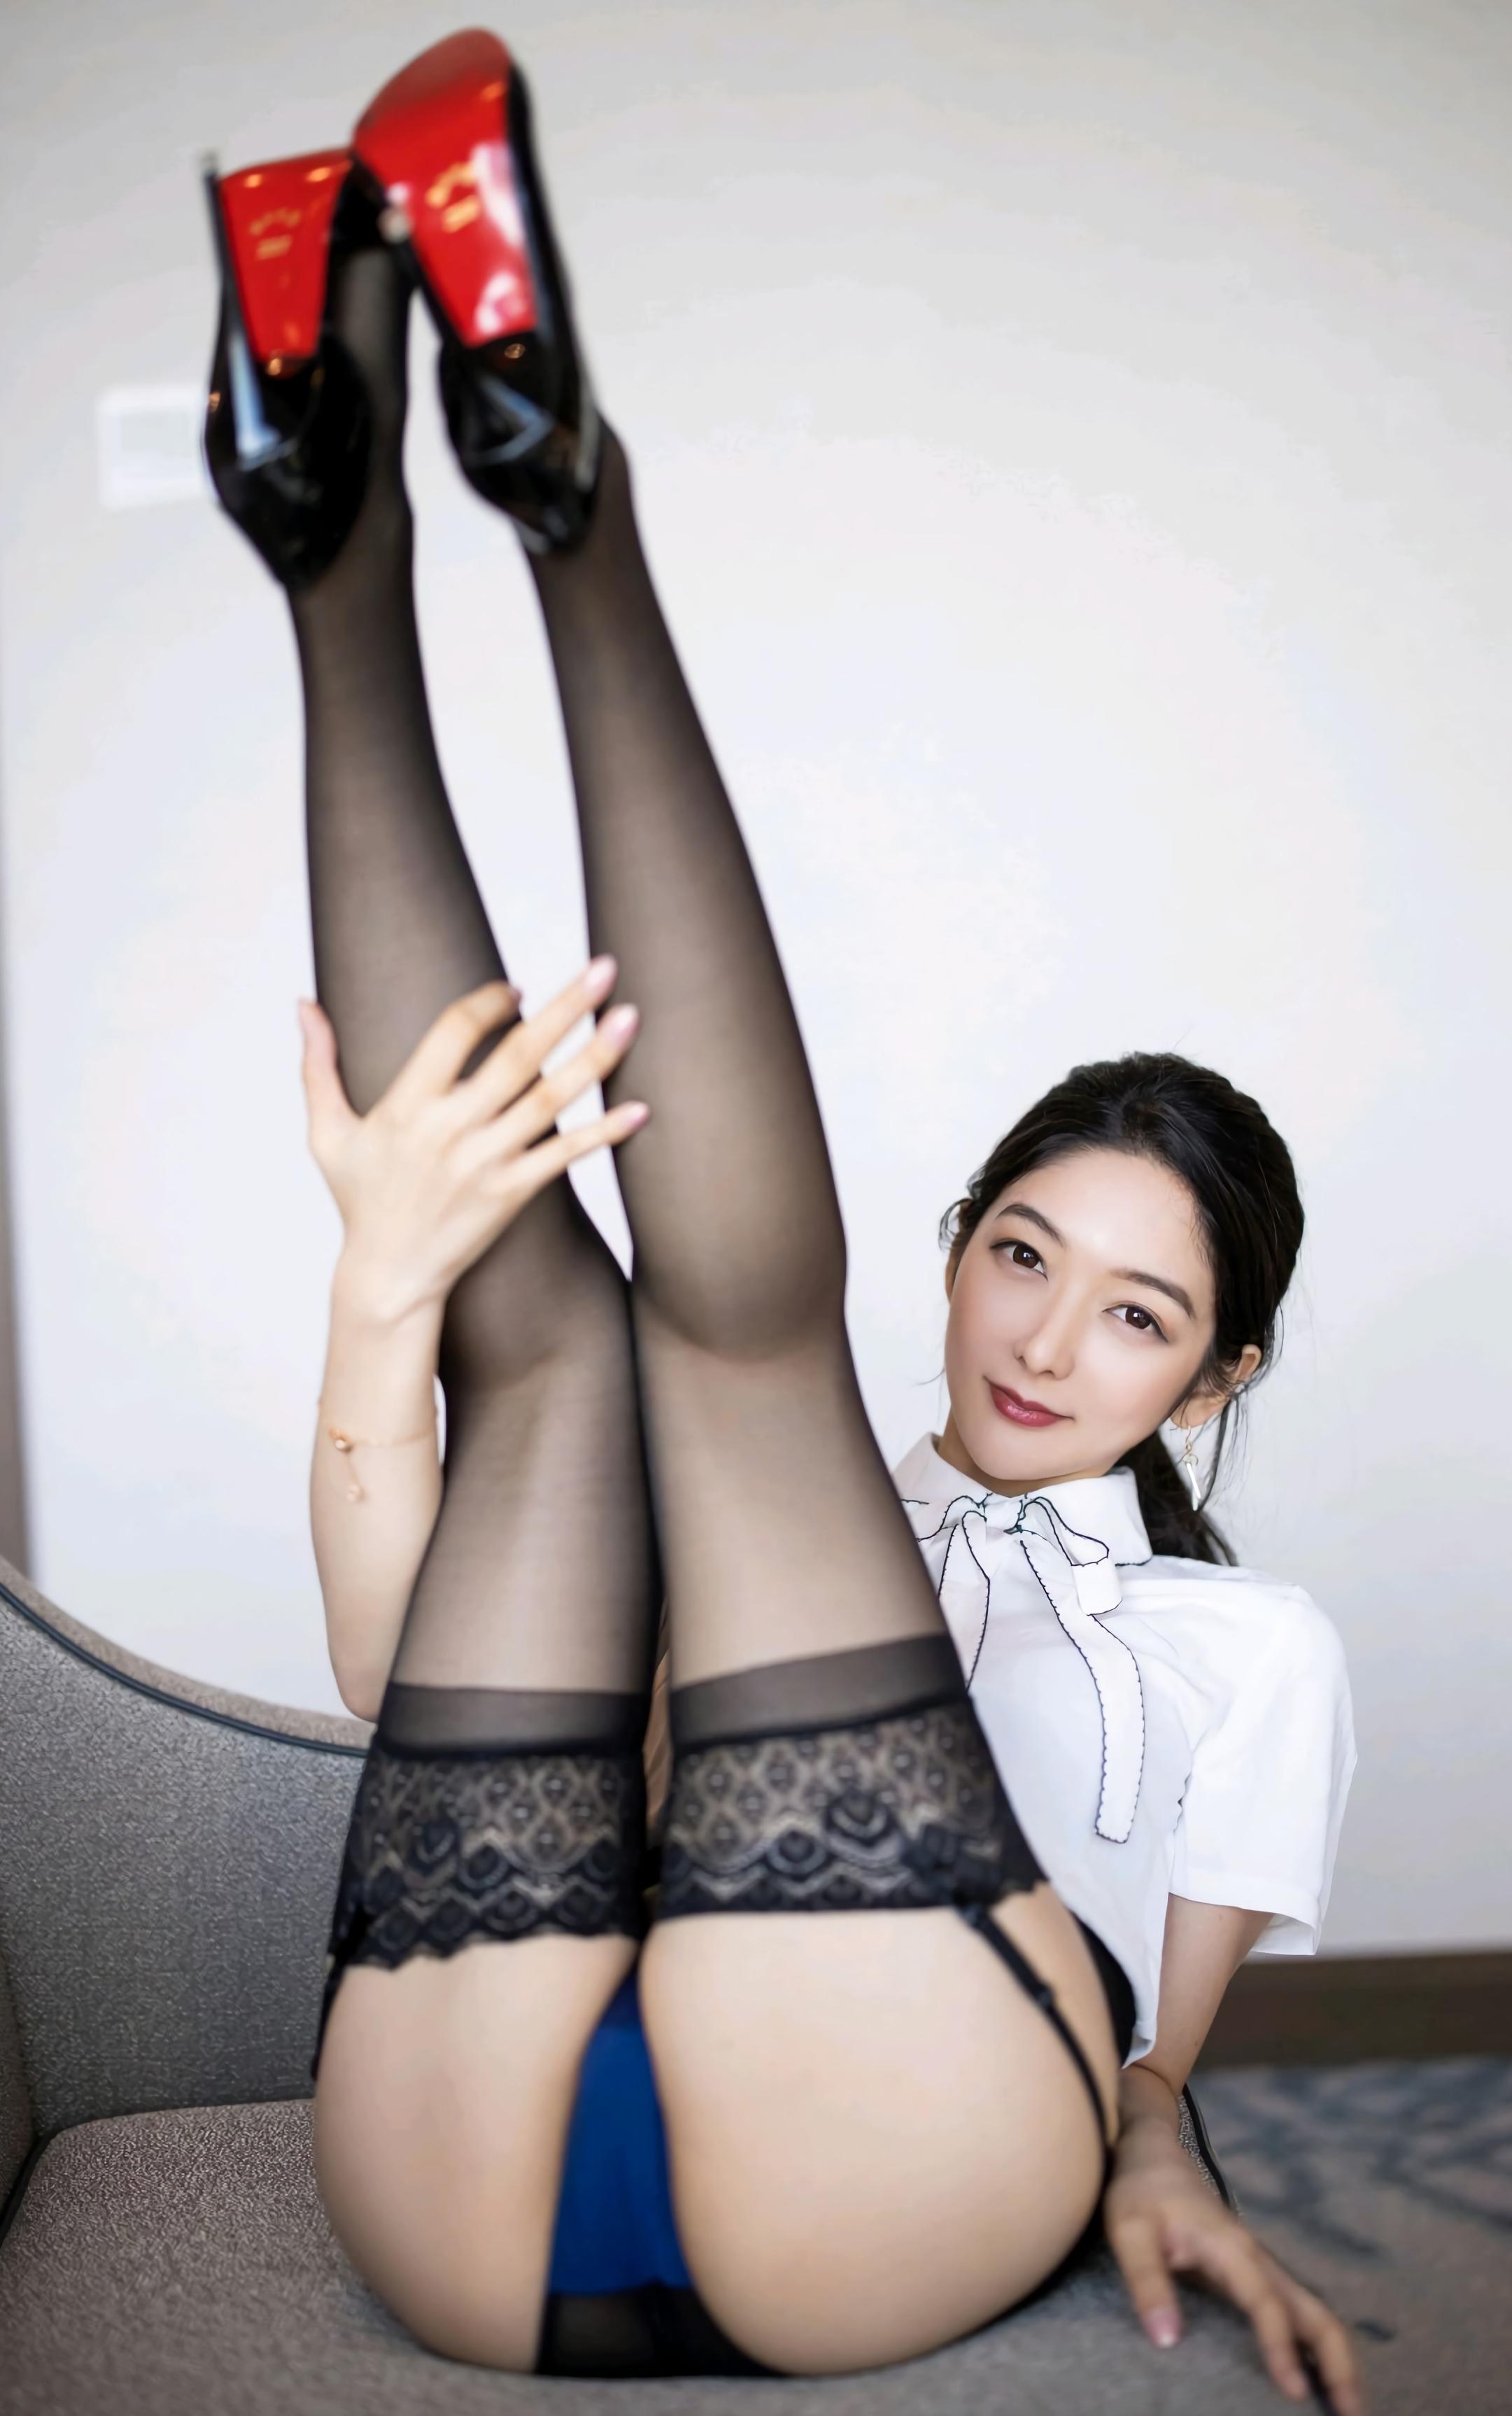 丝袜为什么对男人诱惑如此之大?